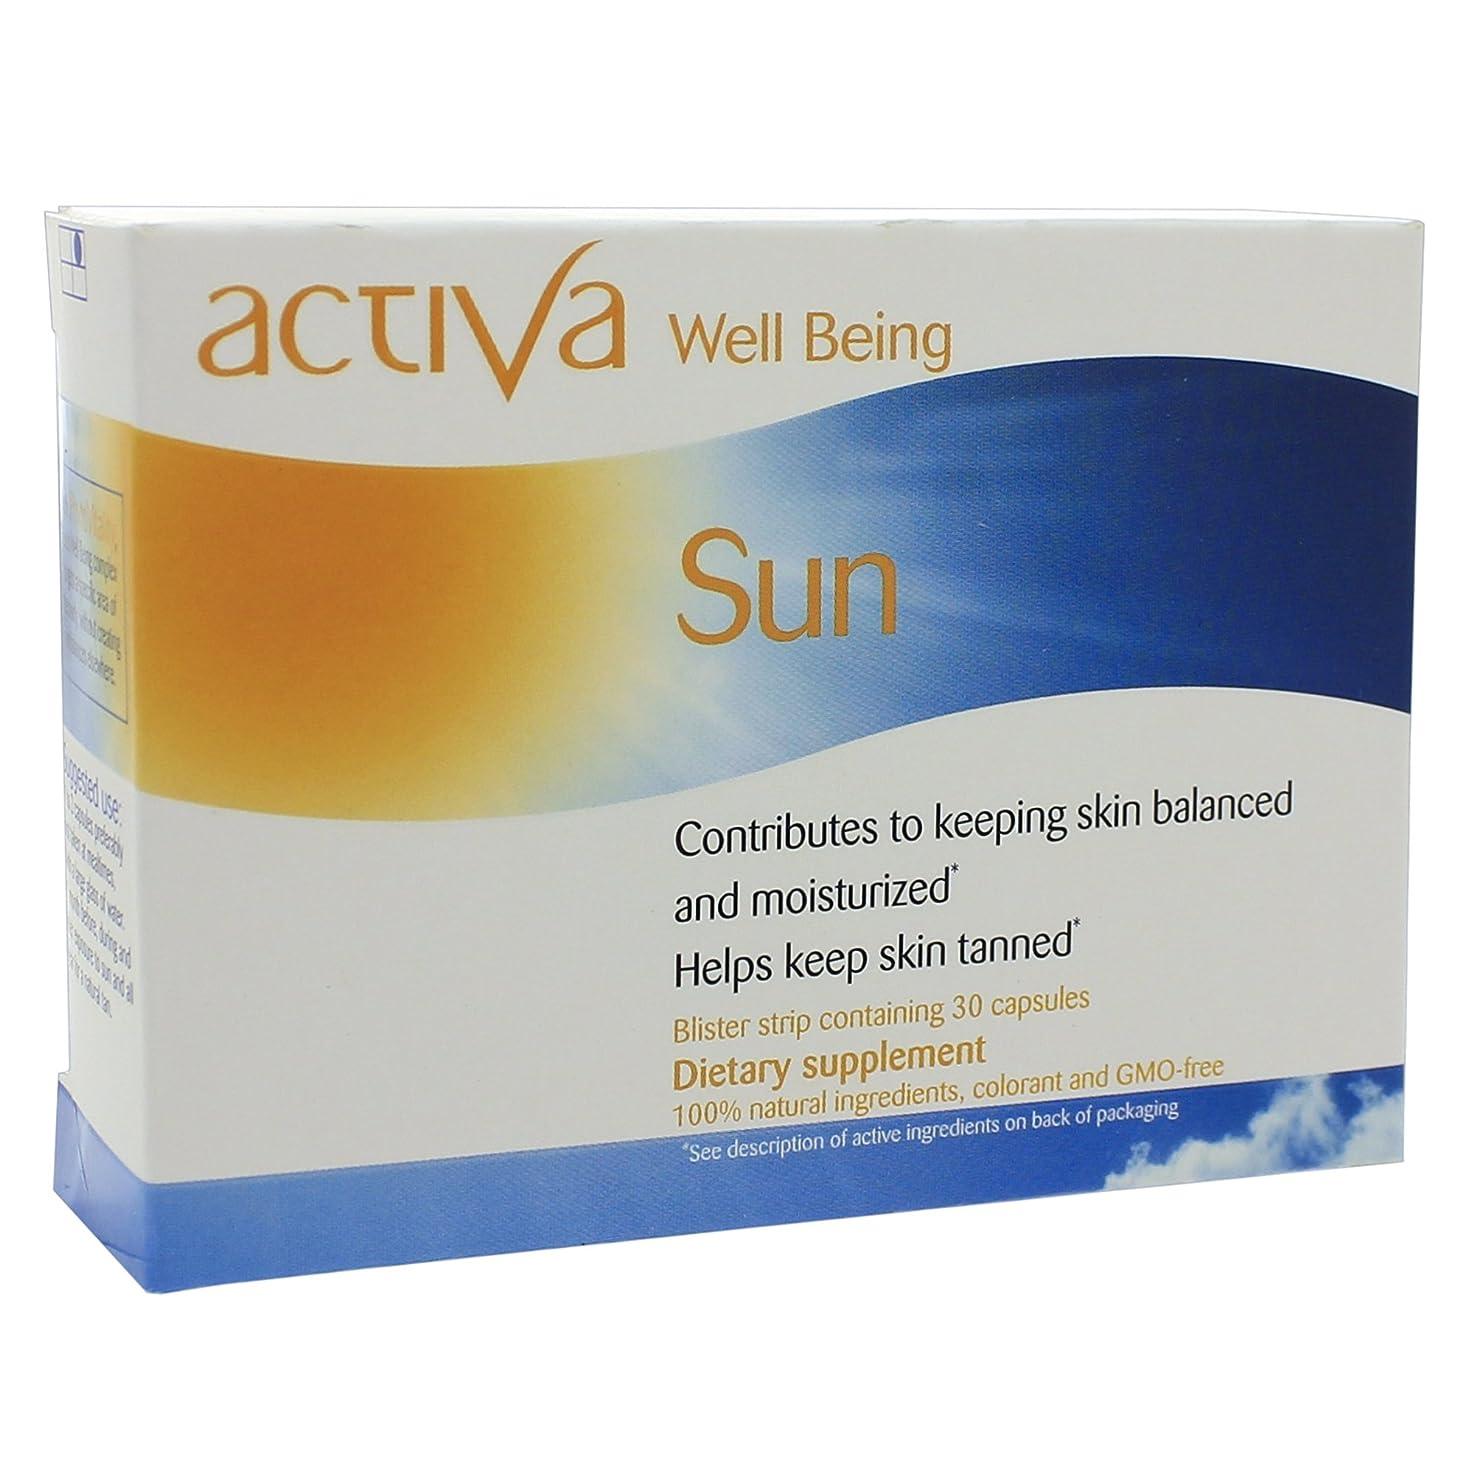 撤退しょっぱい不要(アクティバ) activa 【Well Being】 Sun サン 30カプセル